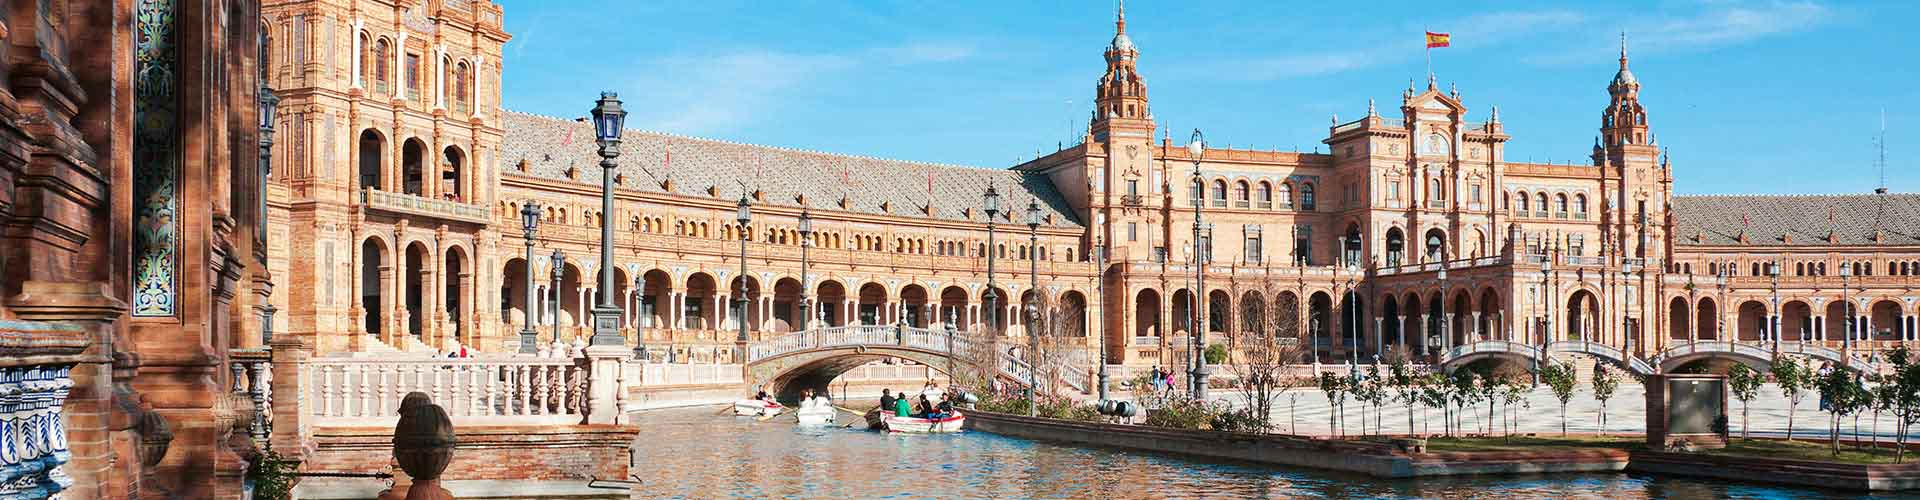 Sevilla - Hoteles baratos cerca a Torre del Oro. Mapas de Sevilla, Fotos y comentarios de cada Hotel en Sevilla.